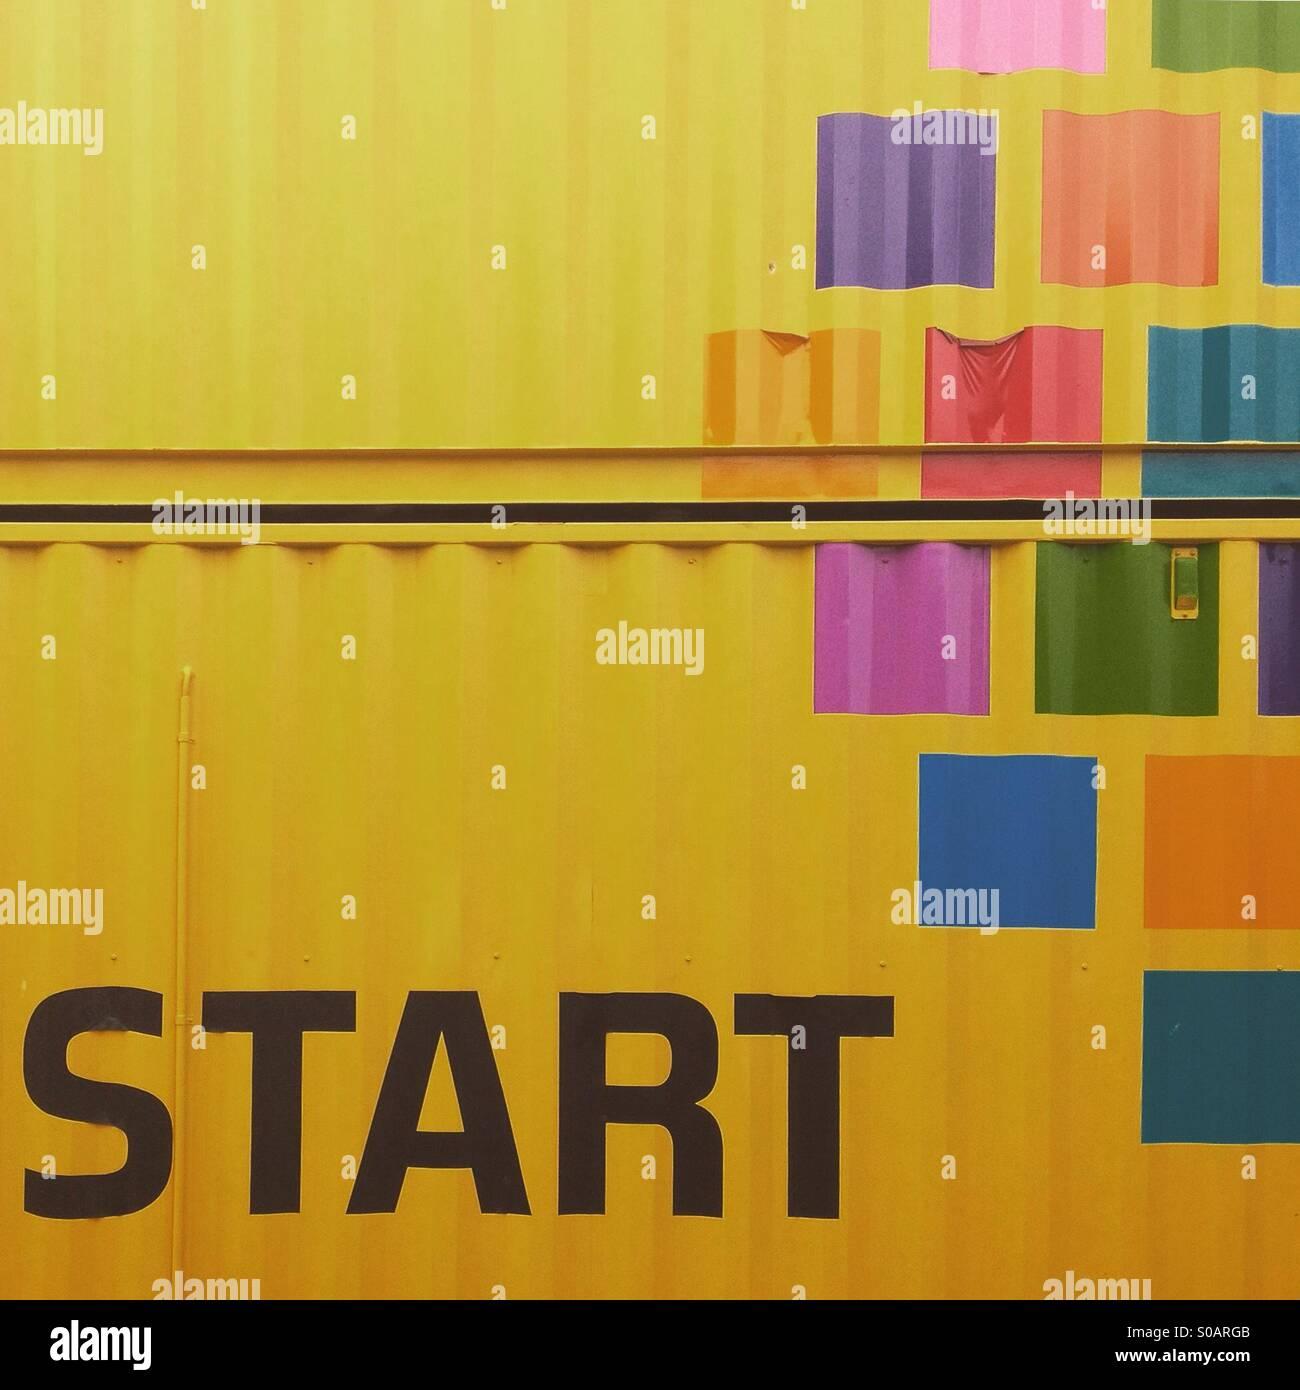 Start Schrift gedruckt auf einem container Stockbild